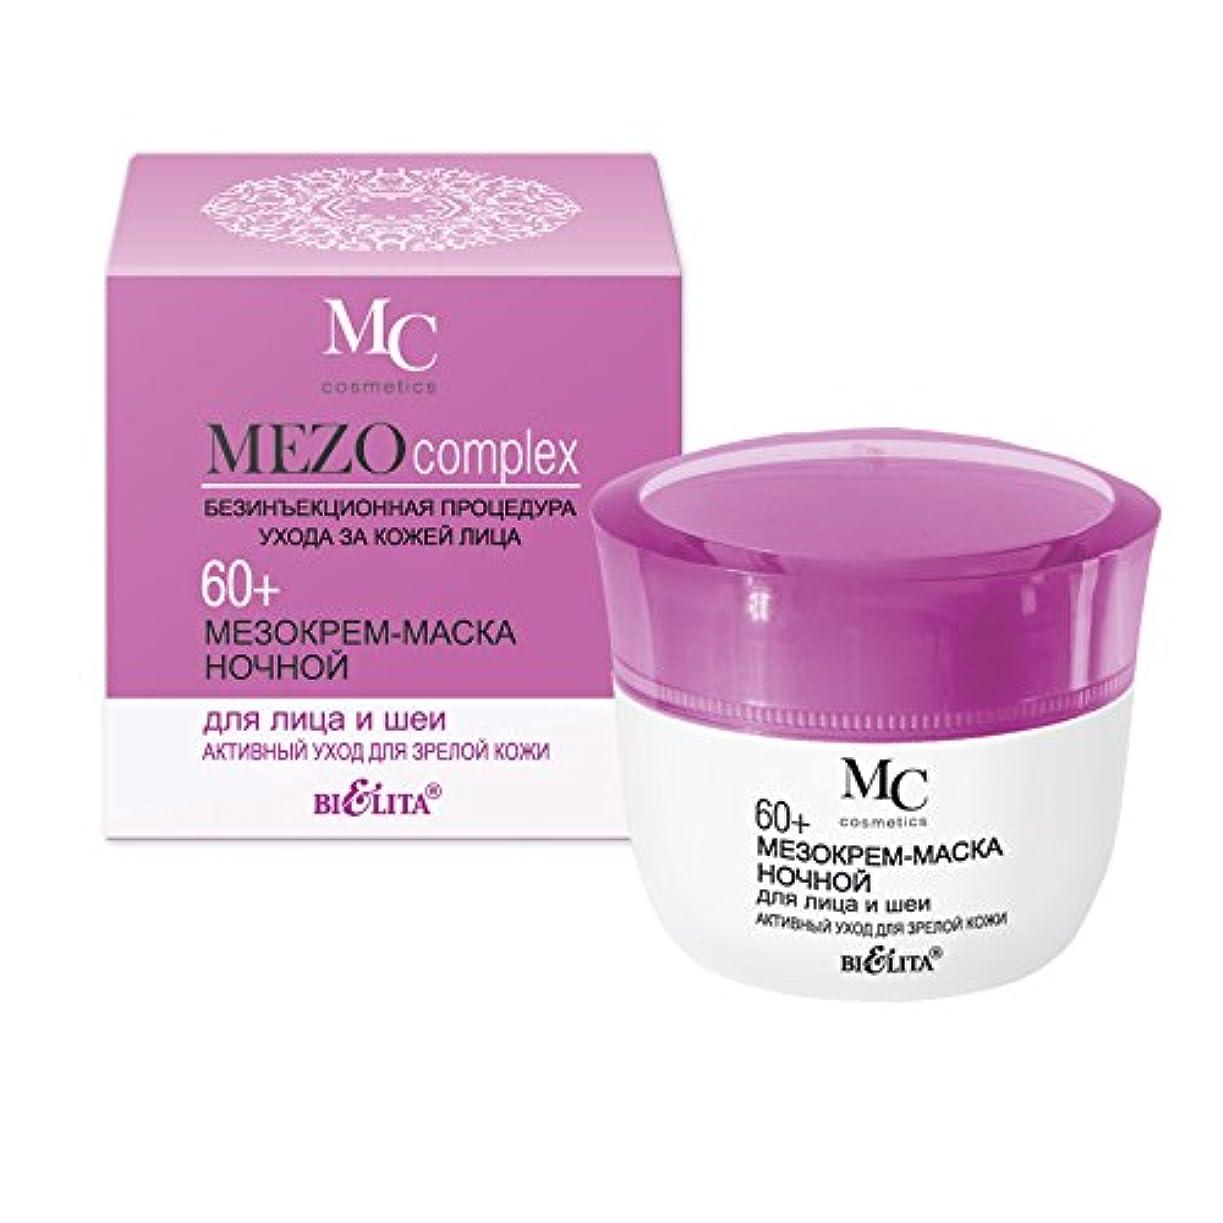 ピン船外松明Night cream mask (MEZO) for face and neck 60+ care for mature skin   Hyaluronic acid, Vitamin E, Peach seed oil...